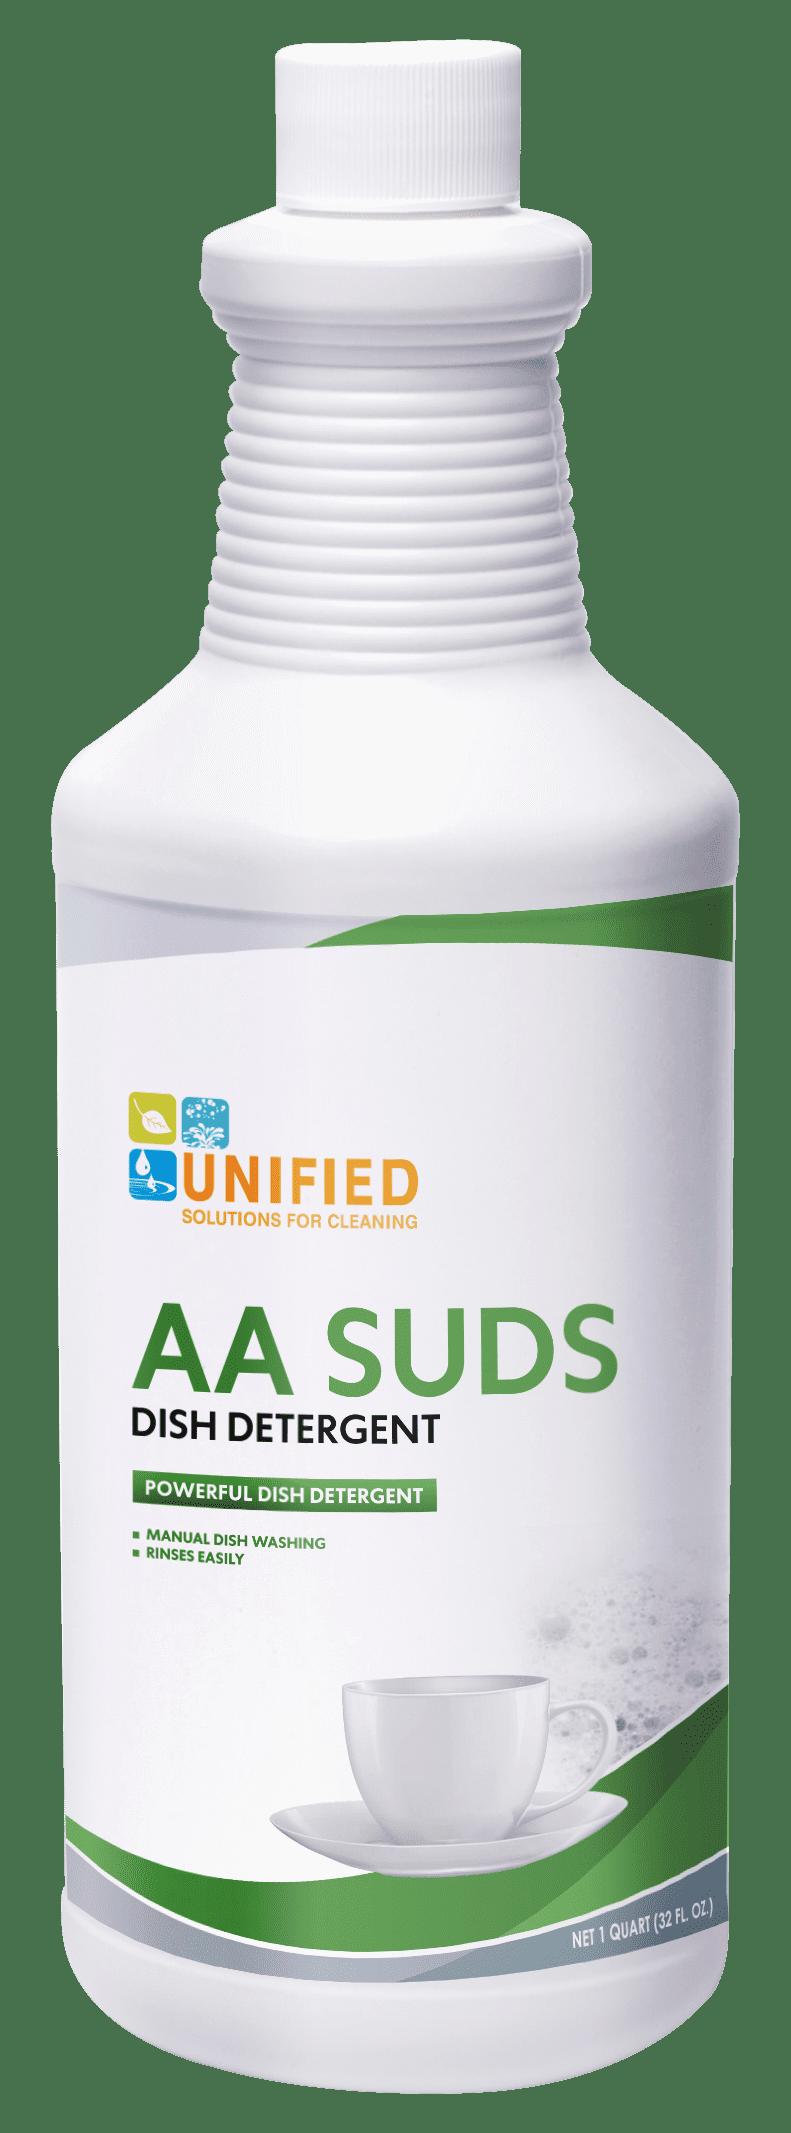 Unified_AA_Suds_Quartz_Bottle